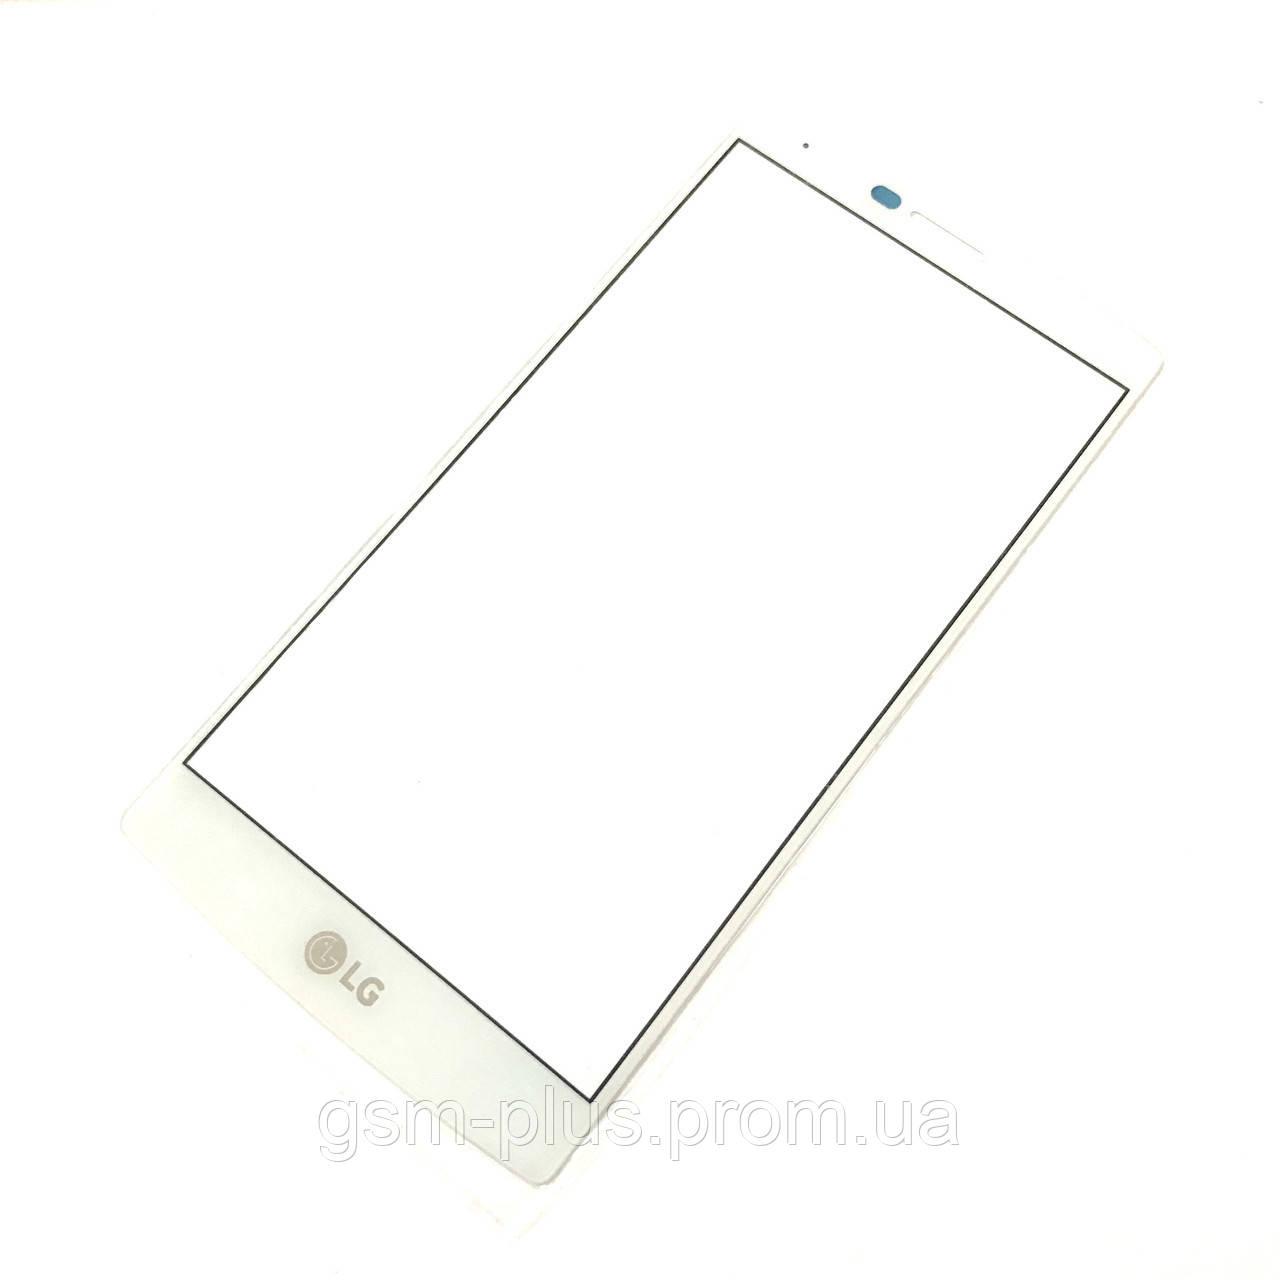 Стекло дисплея LG F500 G4 / H810 G4 / H811 G4 / H815 G4 / H818 G4 White (для переклейки)